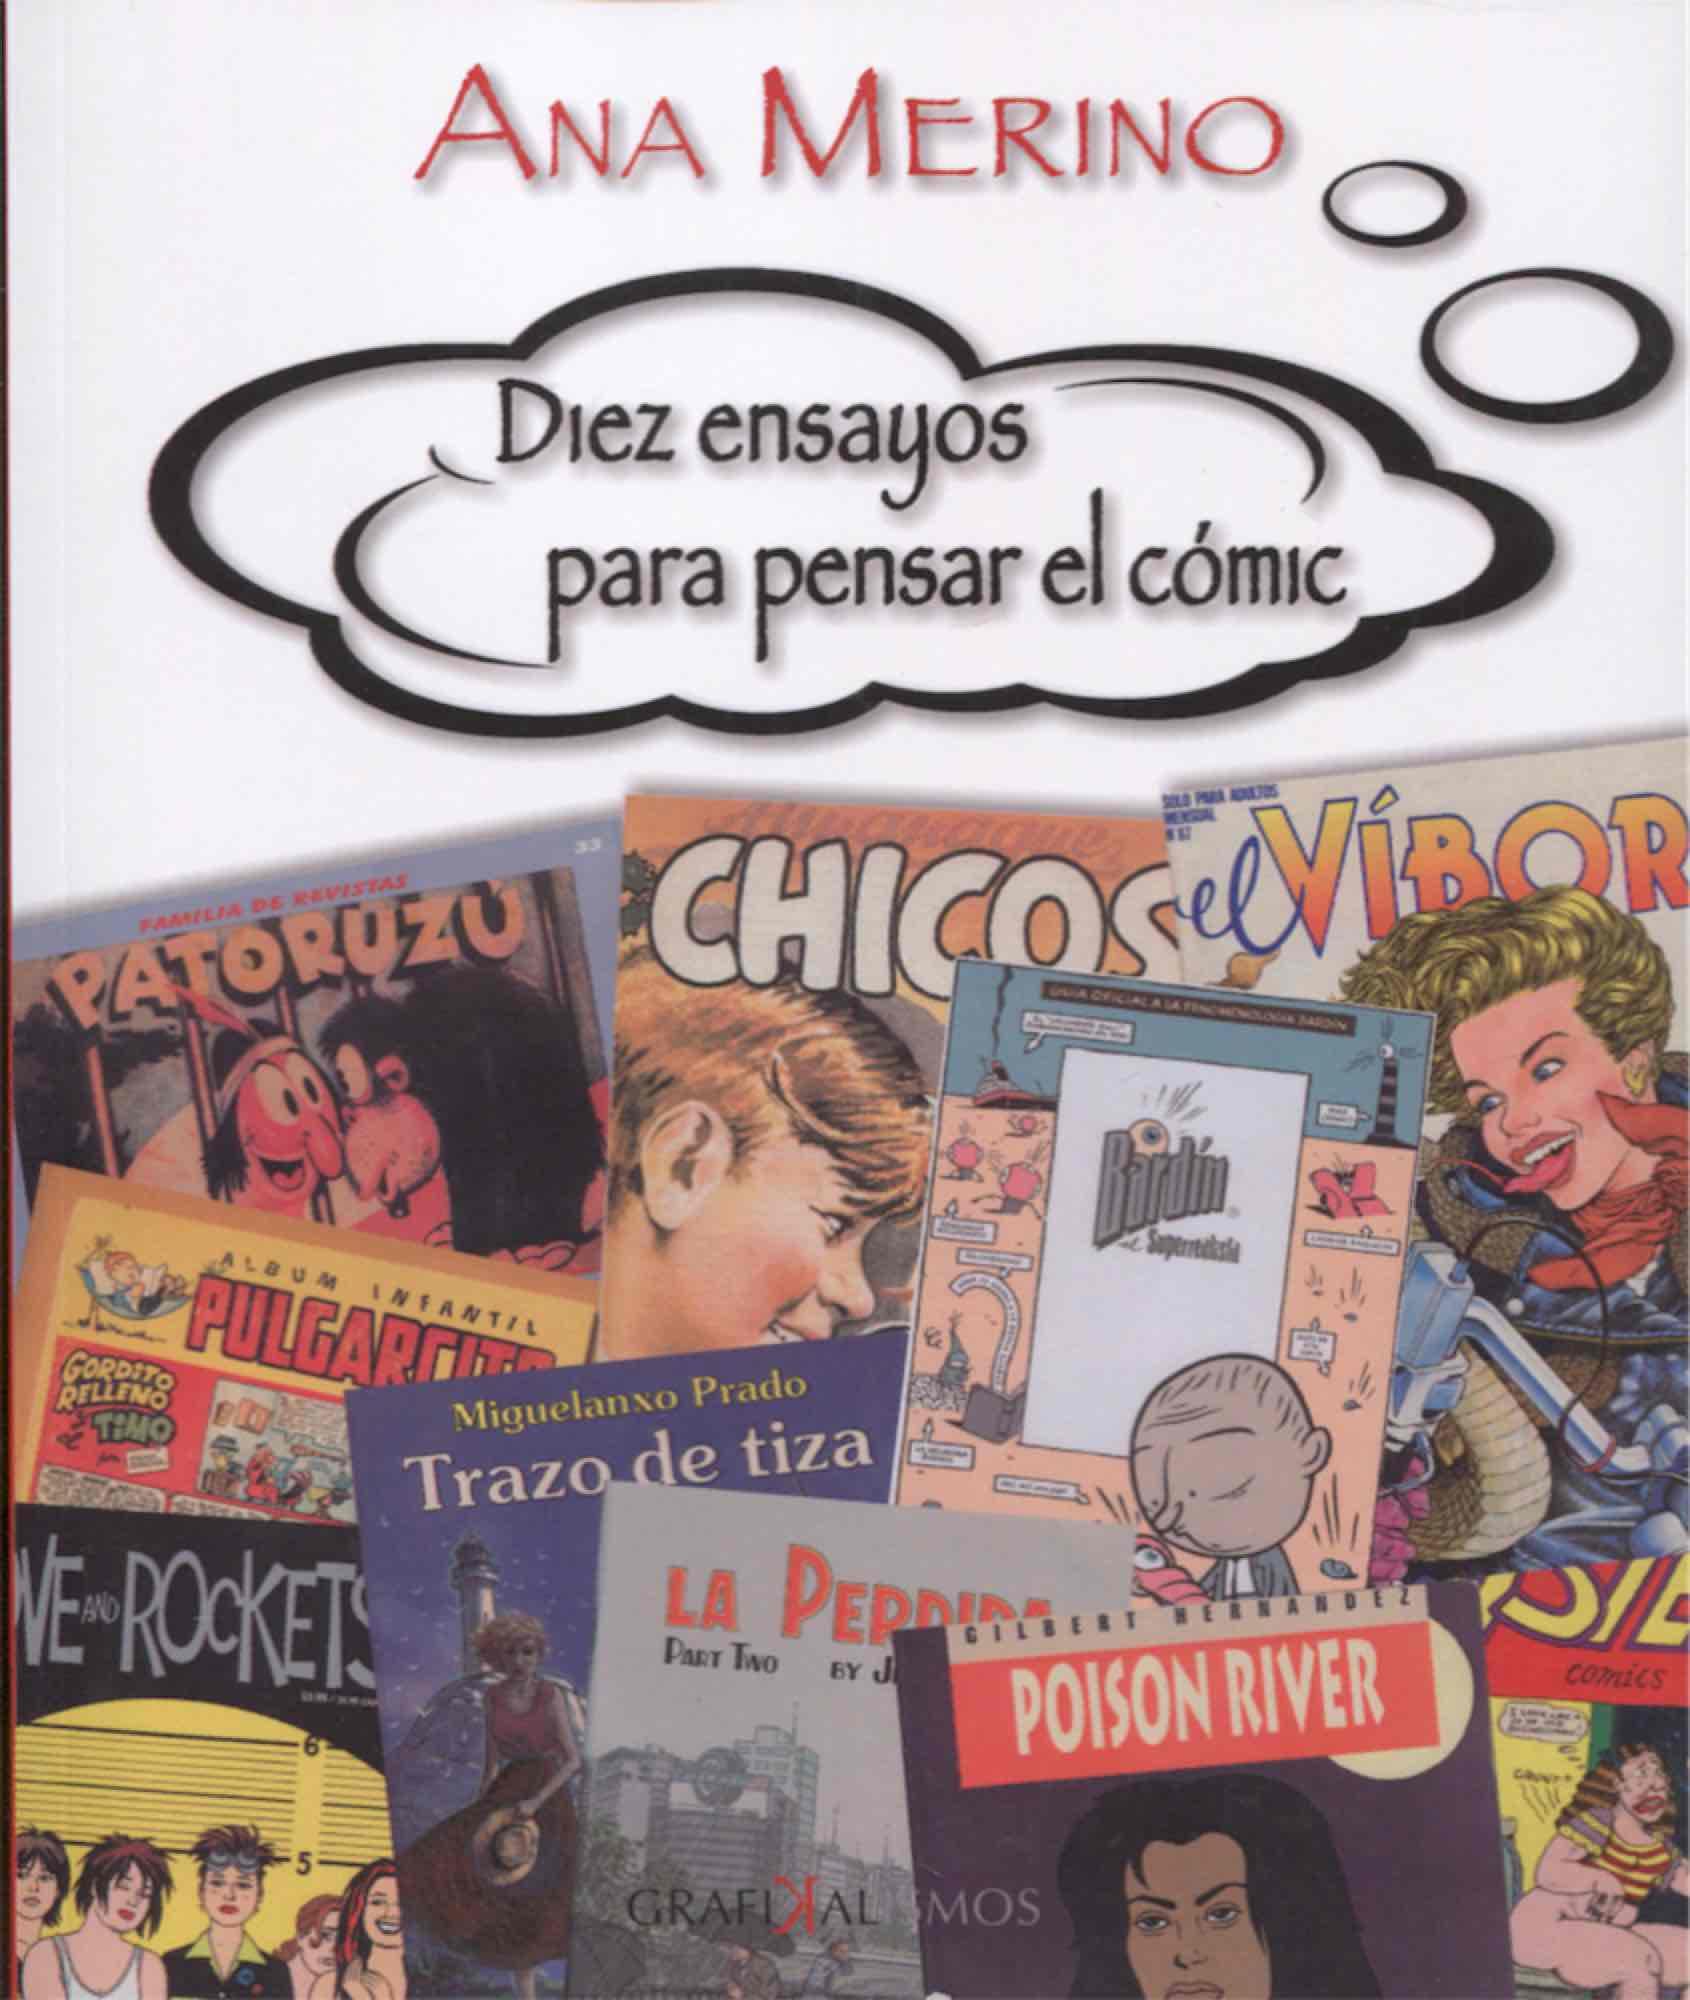 DIEZ ENSAYOS PARA PENSAR EL COMIC